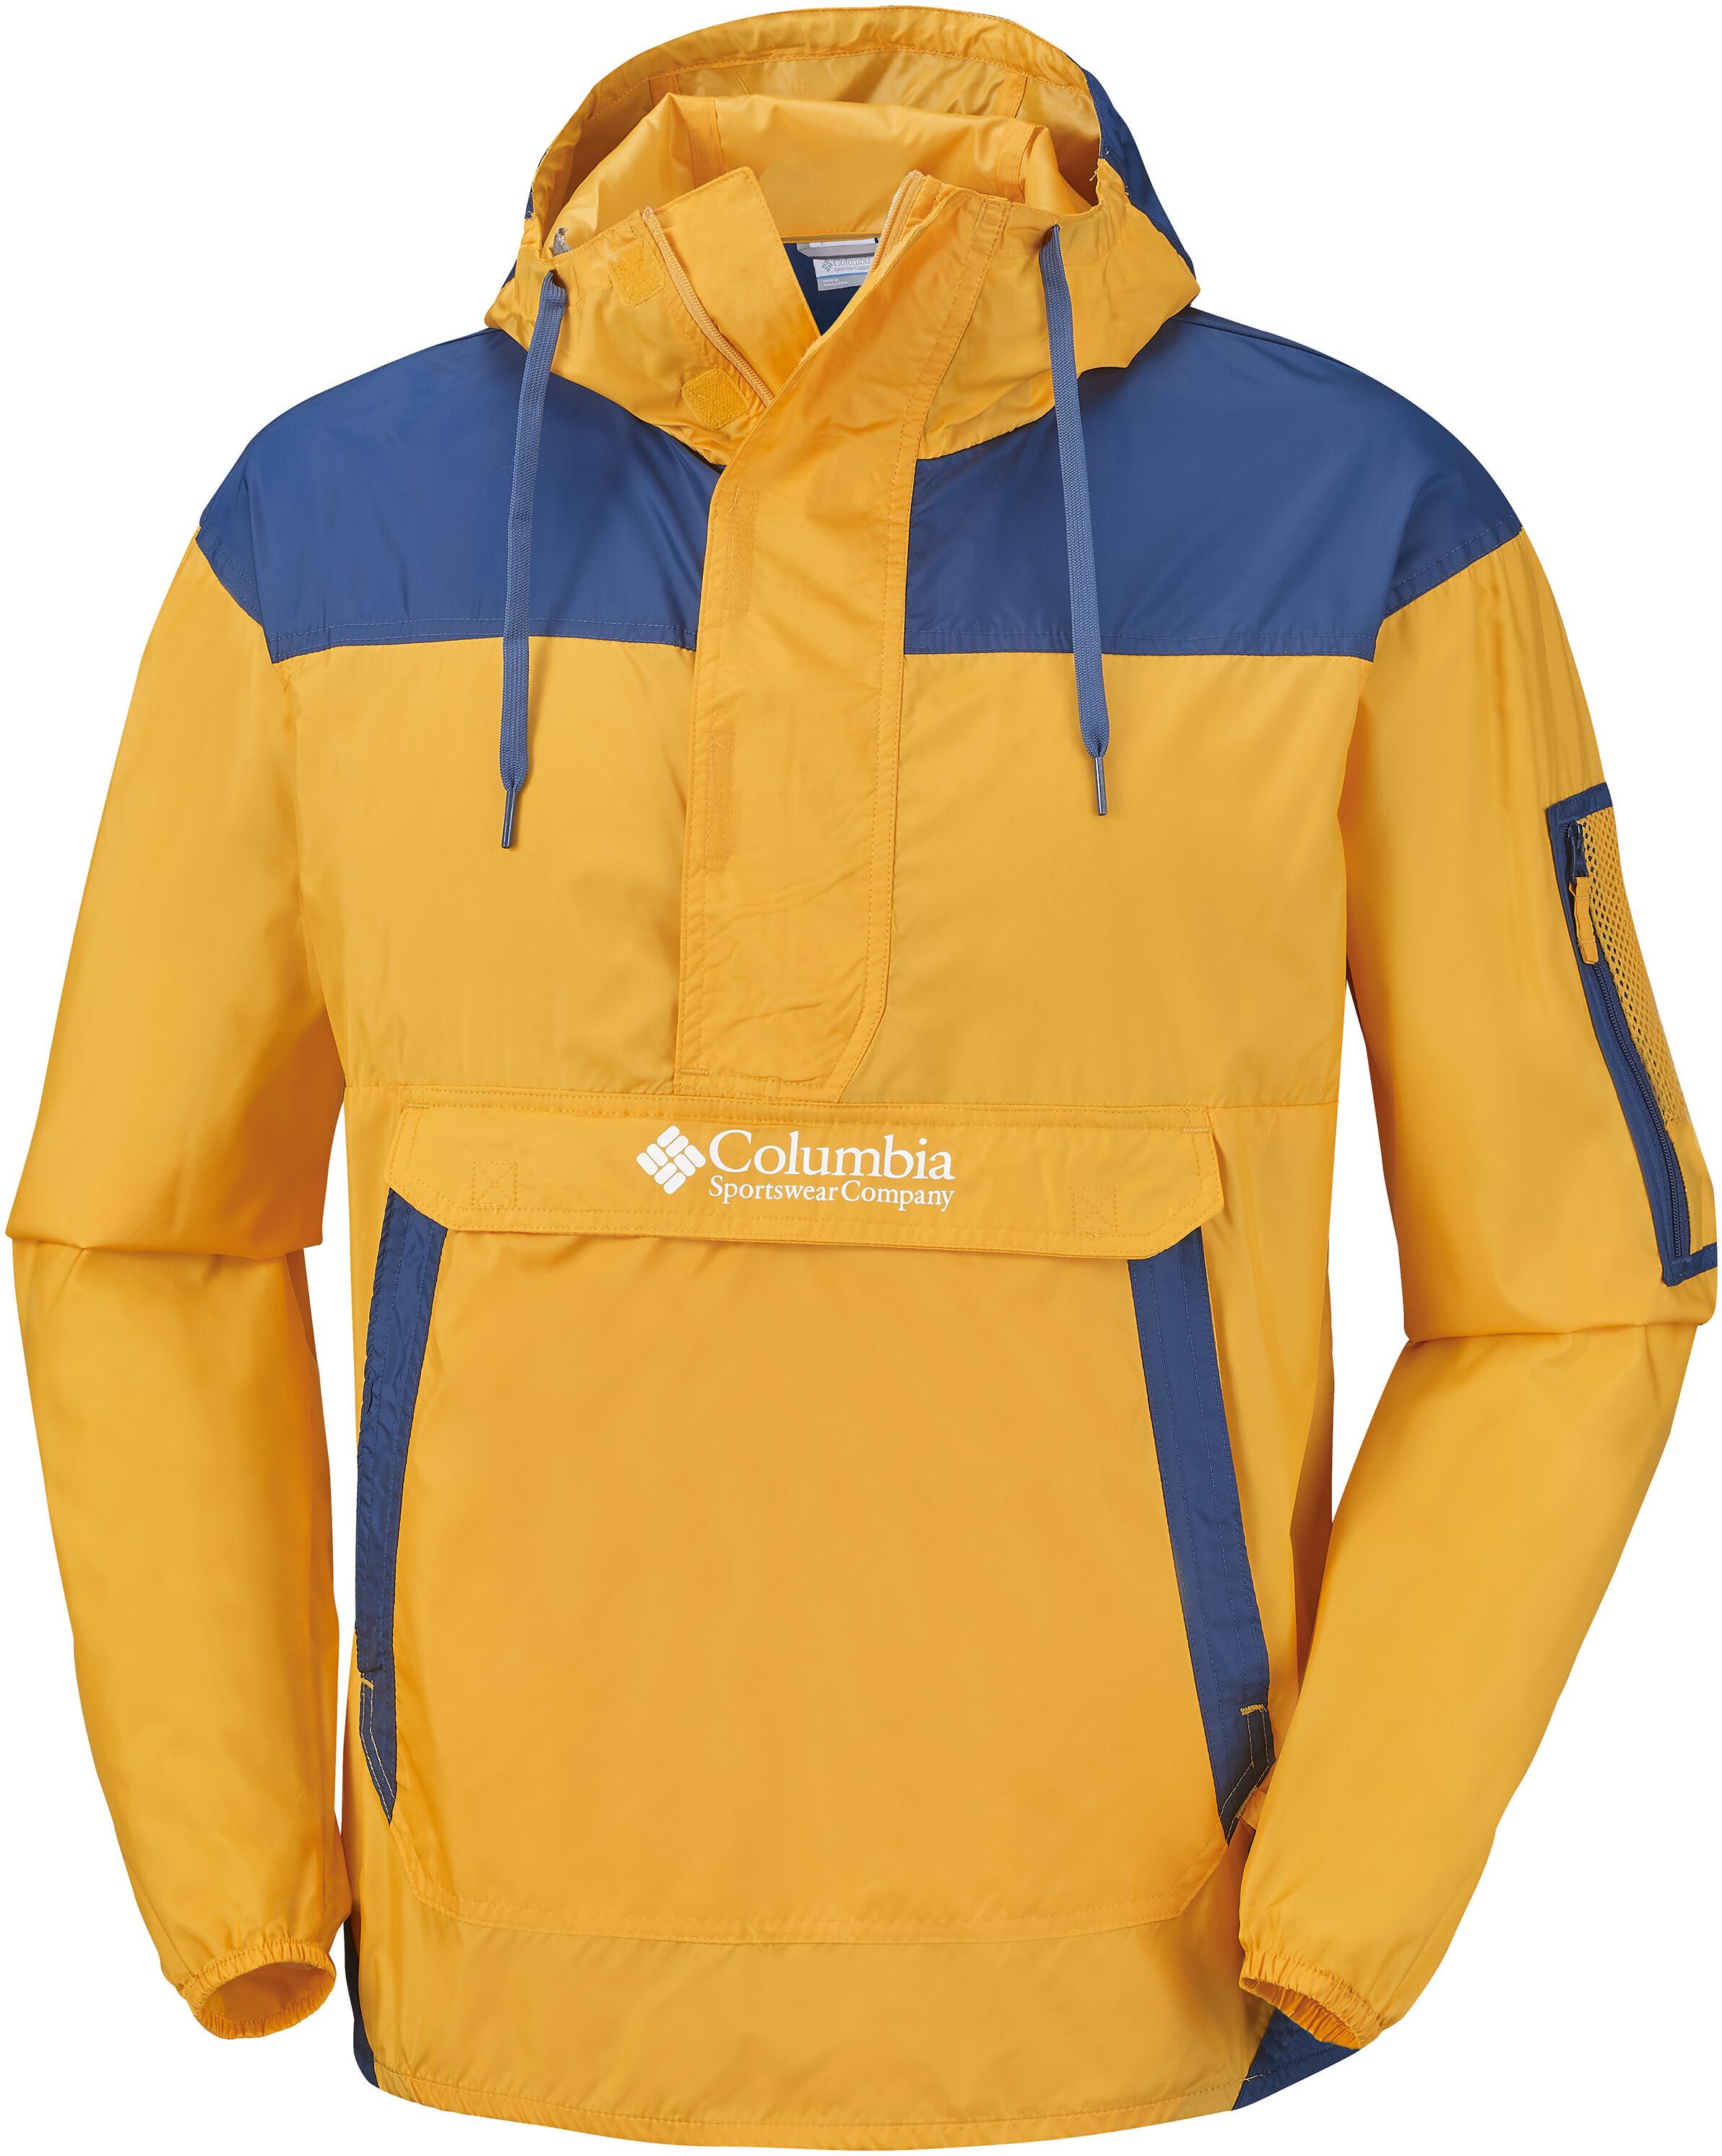 d1d02ec5 Columbia Challenger Jakke Herrer, stinger/carbon | Find outdoortøj ...